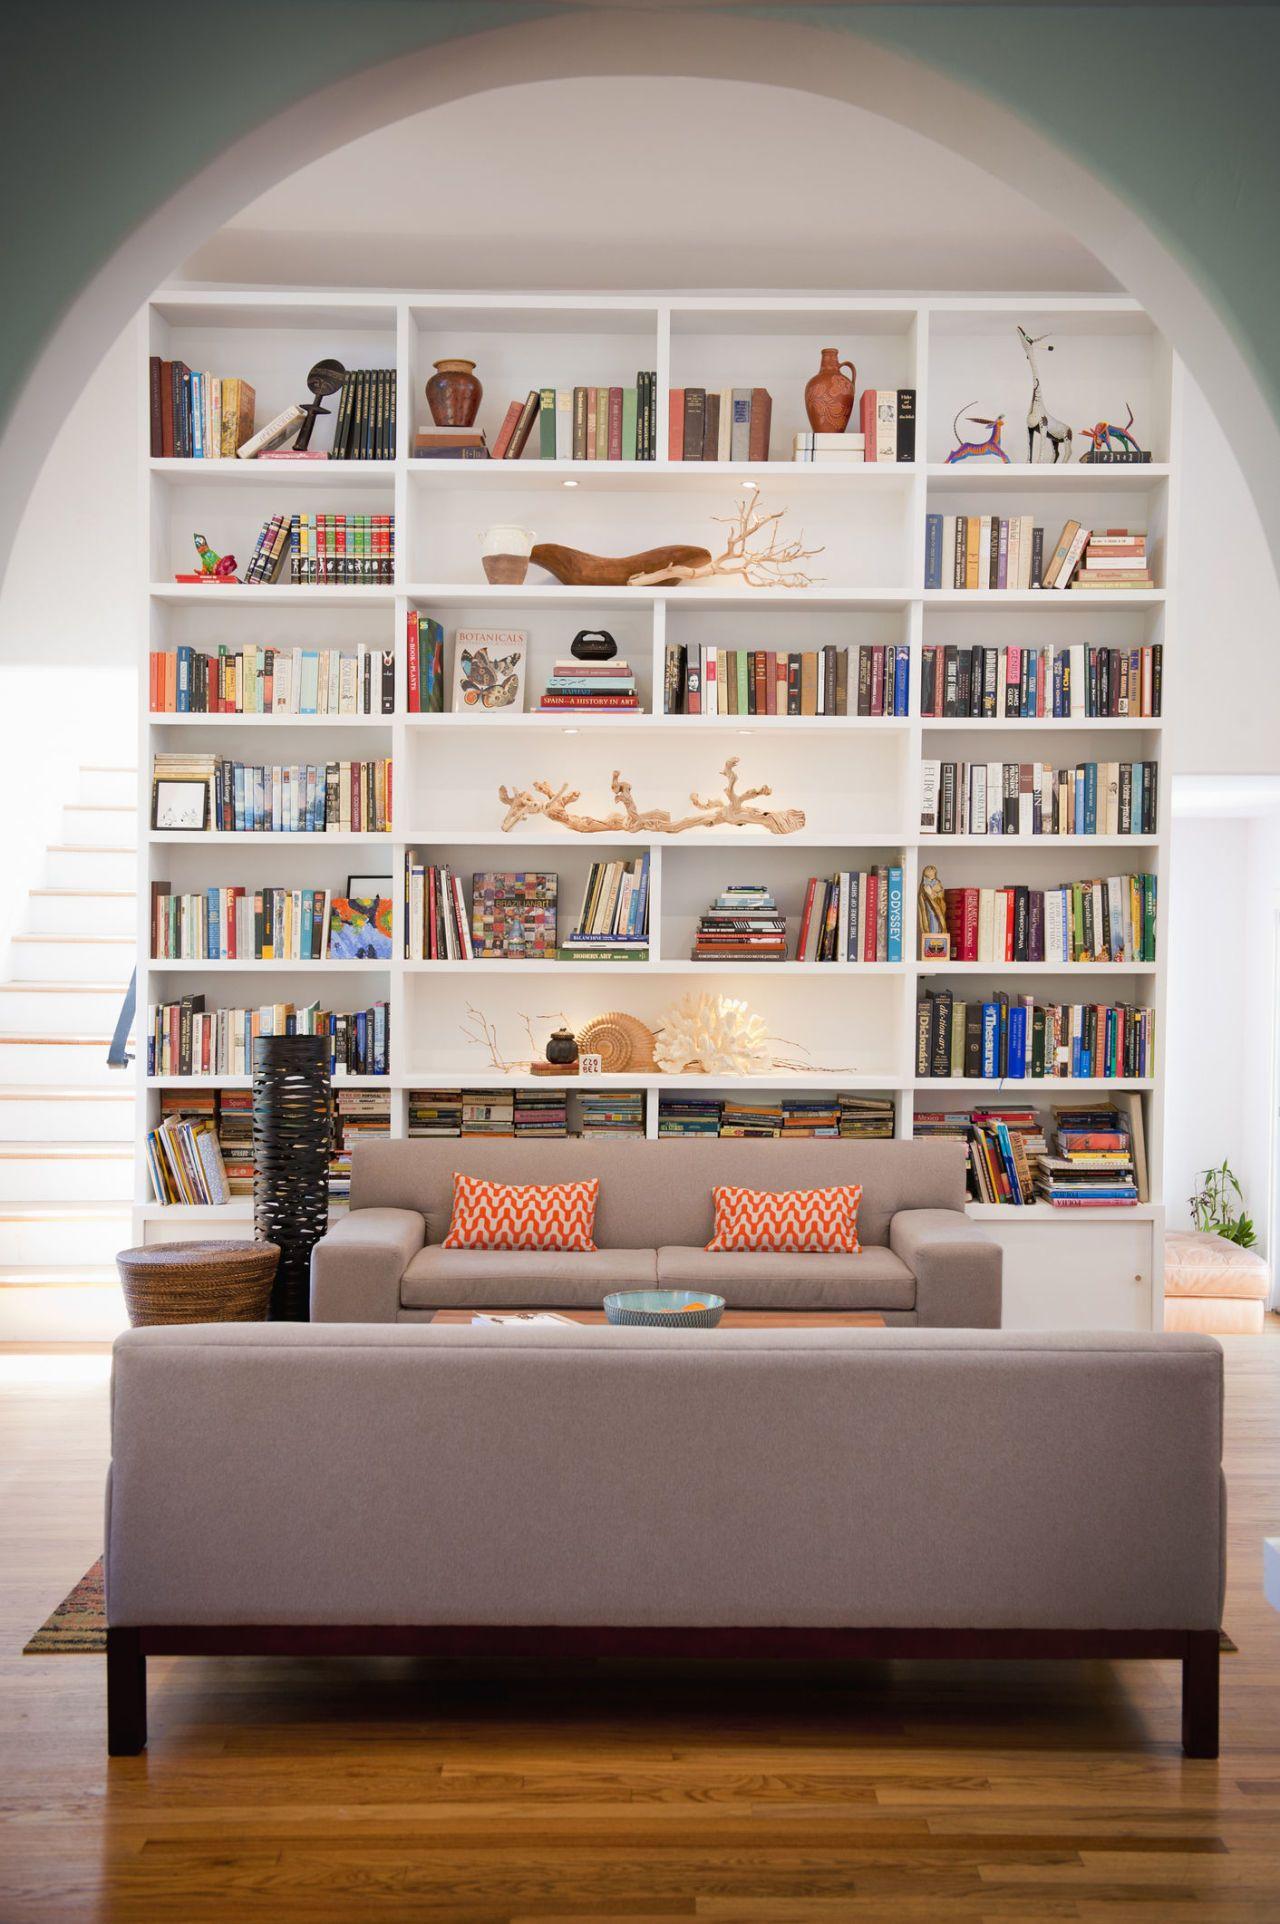 Light Filled Living Room With Tall Bookshelves